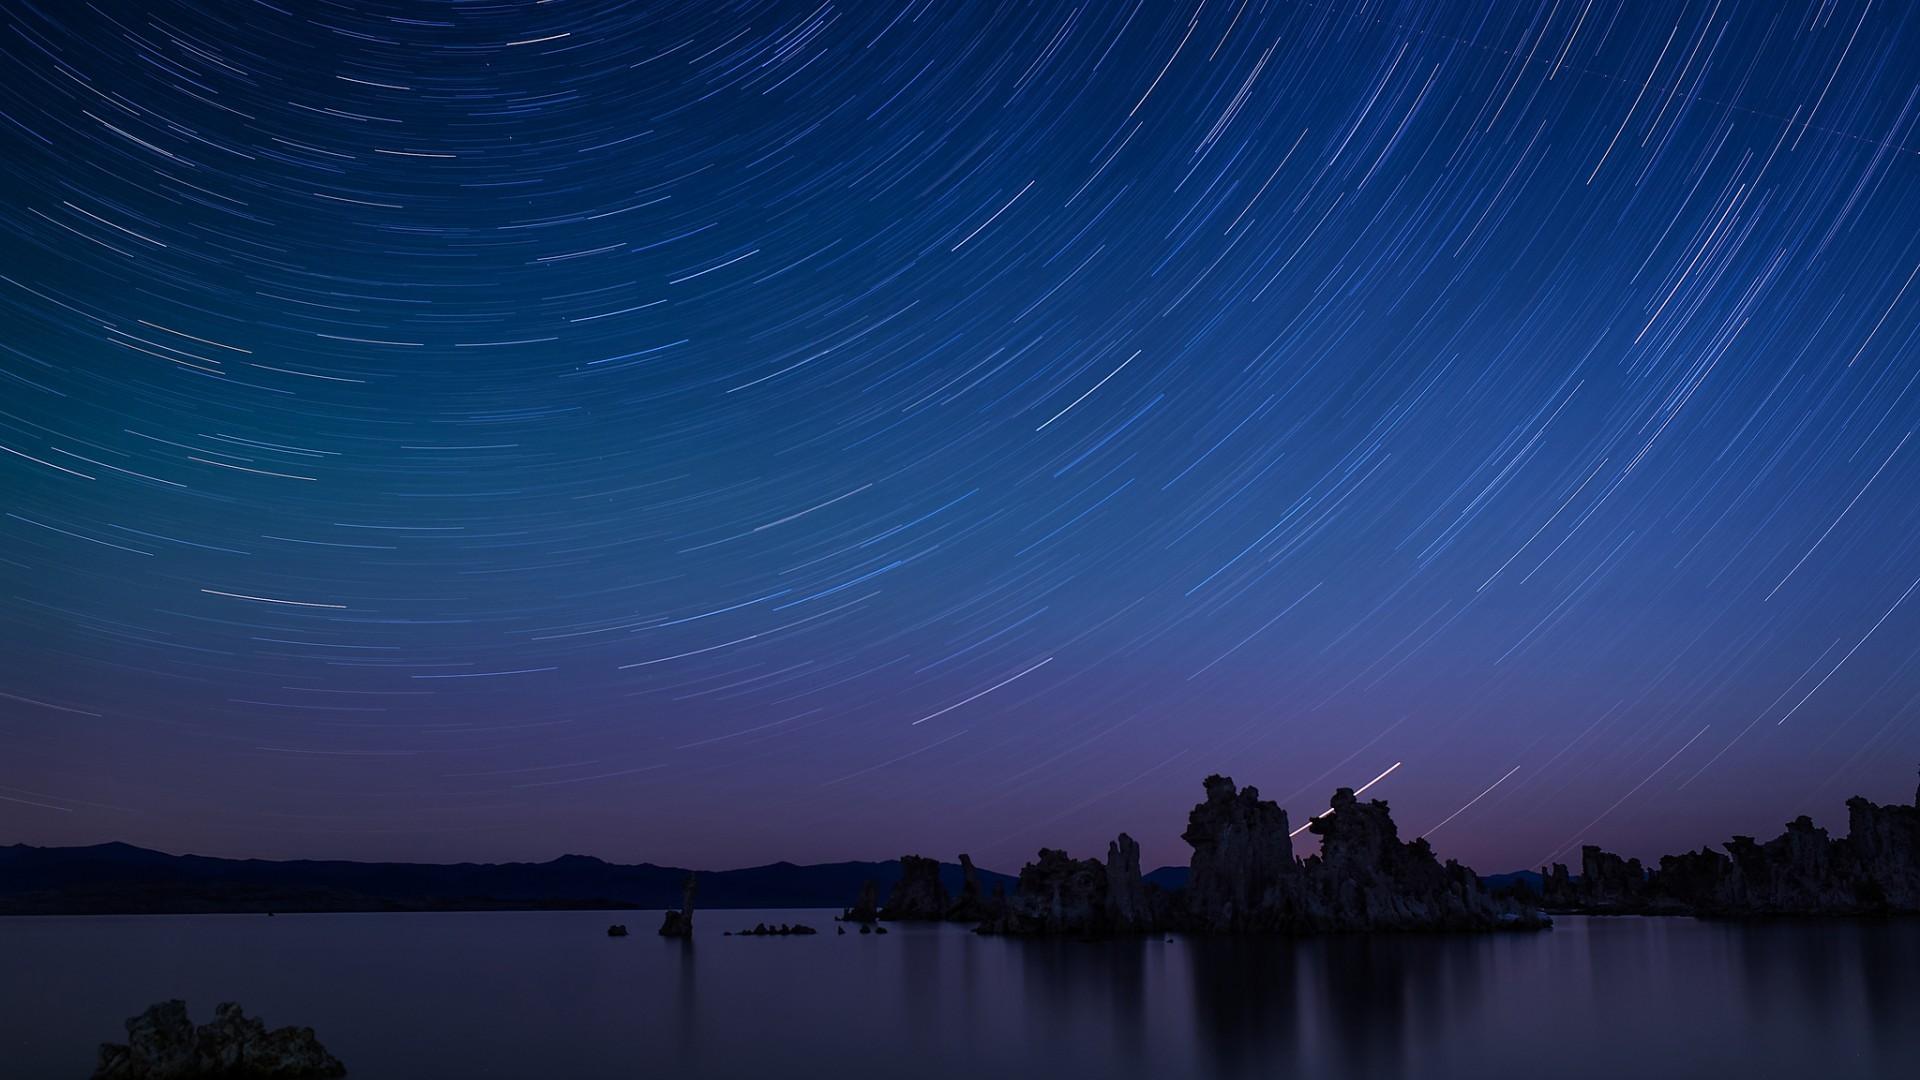 stars timelapse night ocean wallpaper 1920x1080 65631